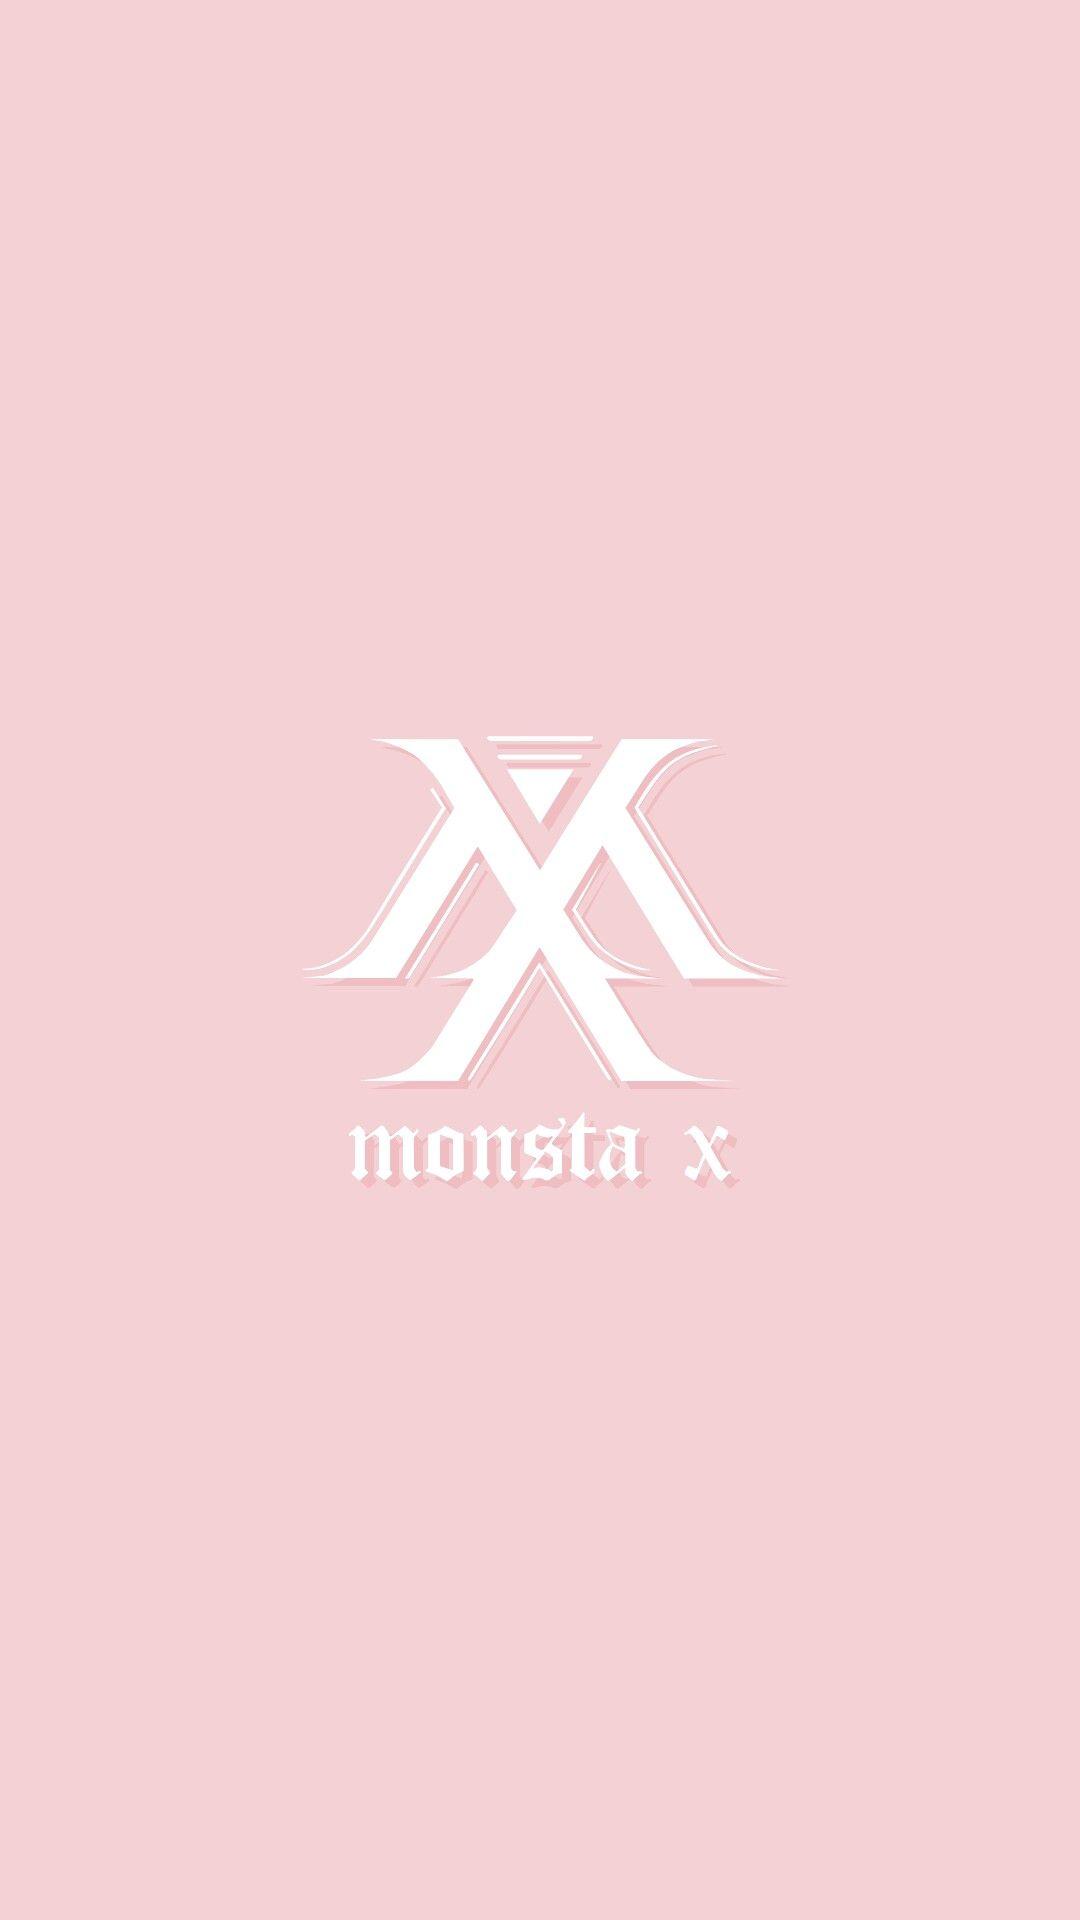 MONSTA X phone wallpaper